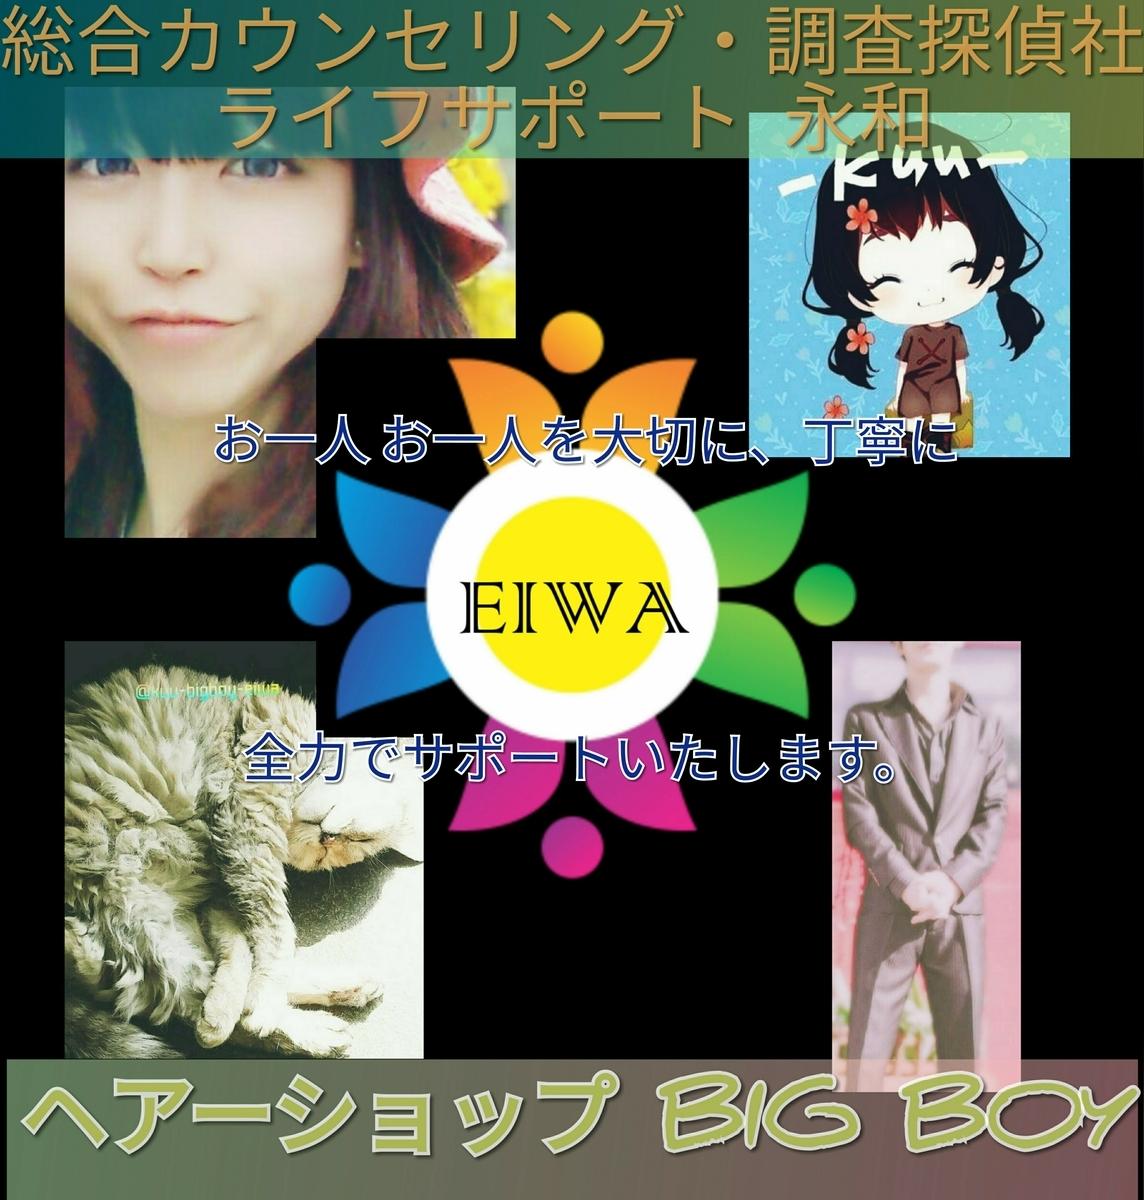 f:id:kuu-bigboy-eiwa:20200322143503j:plain